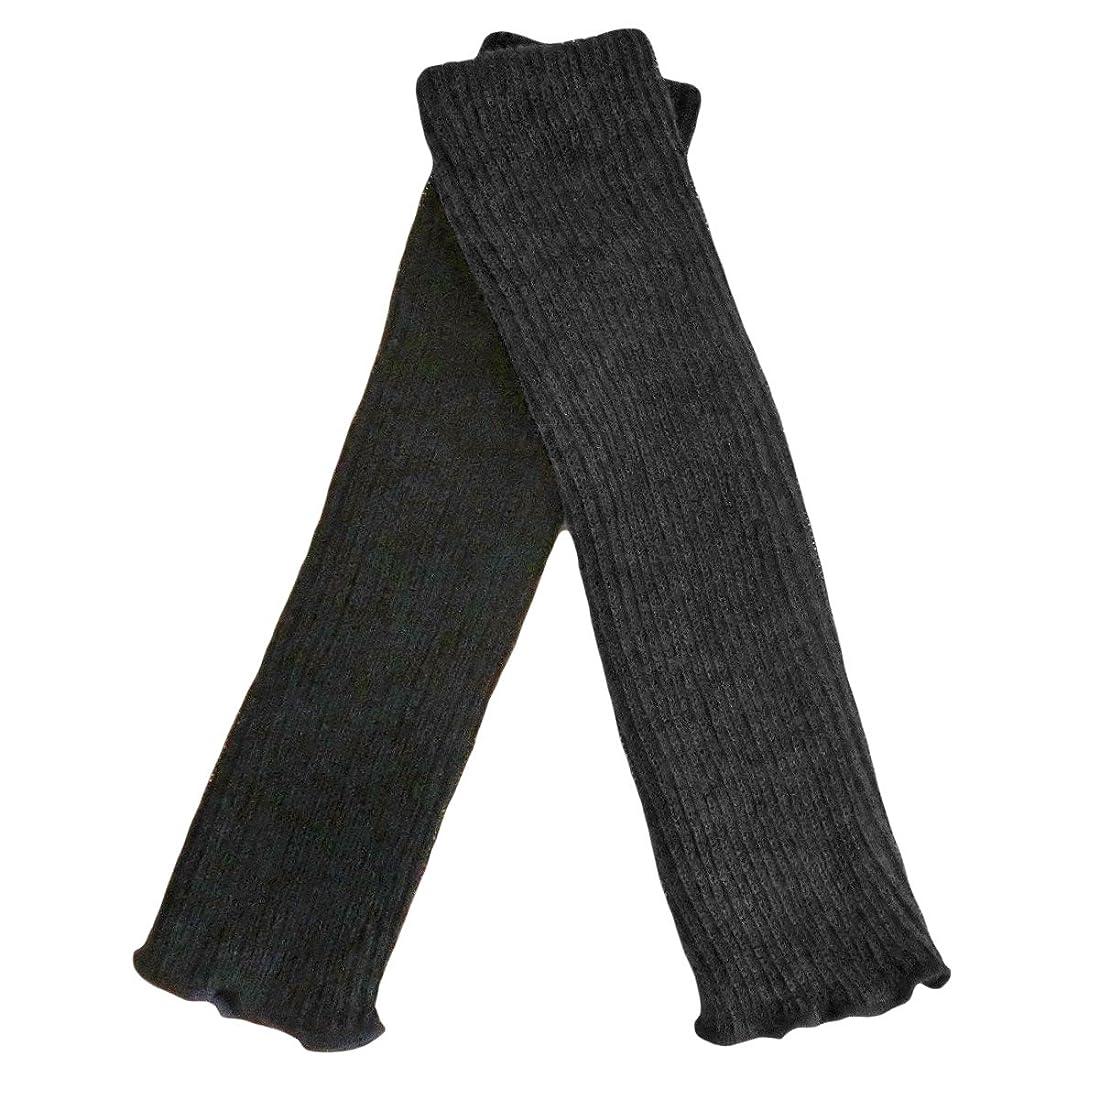 薄暗い責め所有権シルクウール二重編みレッグウォーマー 内絹外毛の二重縫製があたたかい厚手レッグウォーマー (チャコール)